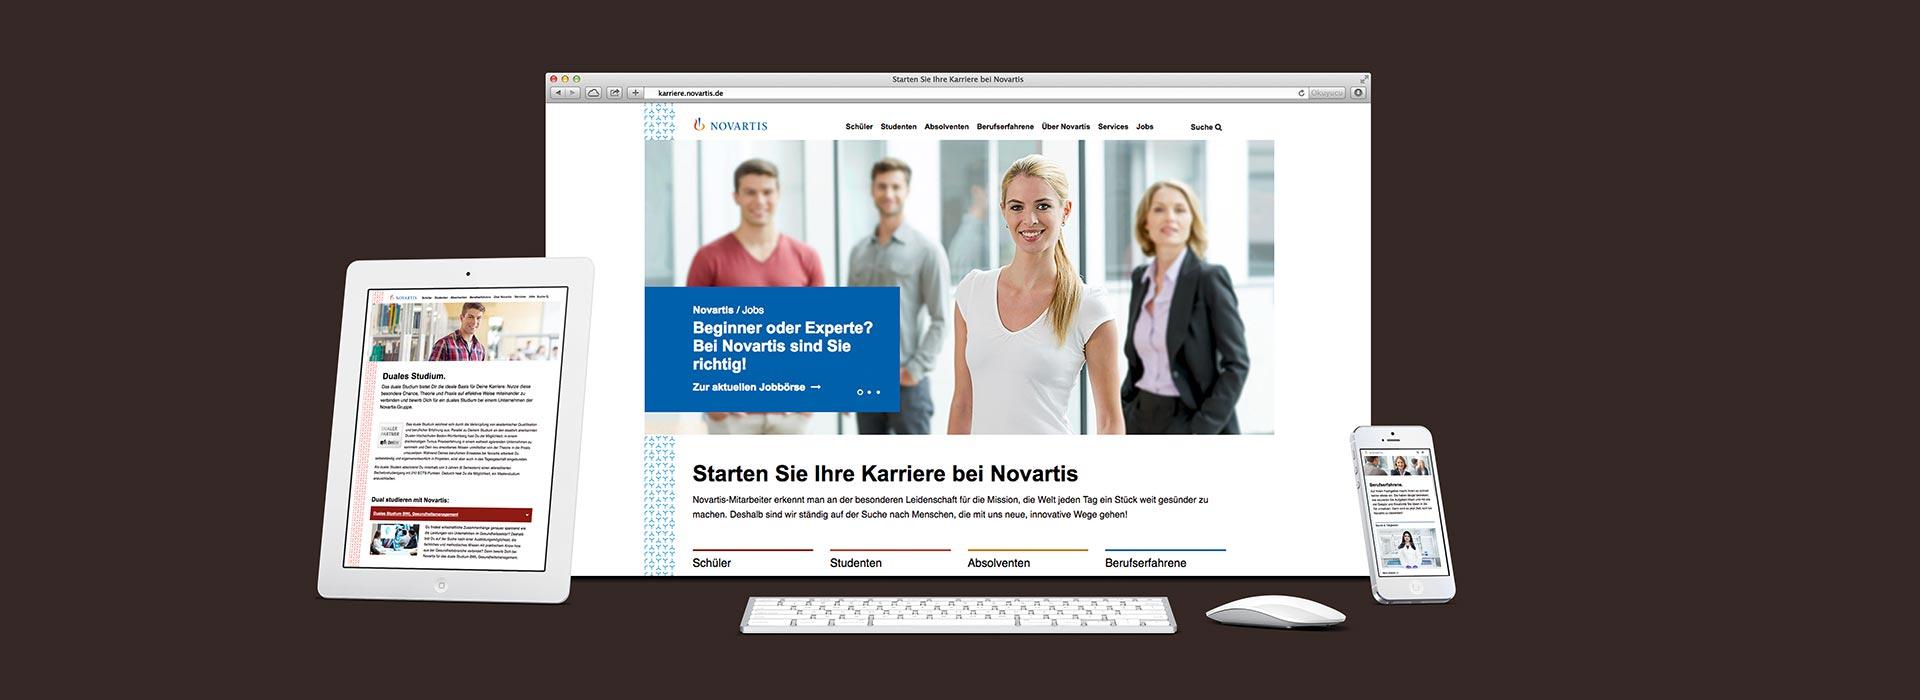 OPUS Marketing / Leistungen / Novartis / Employer Branding / Karriereplattform